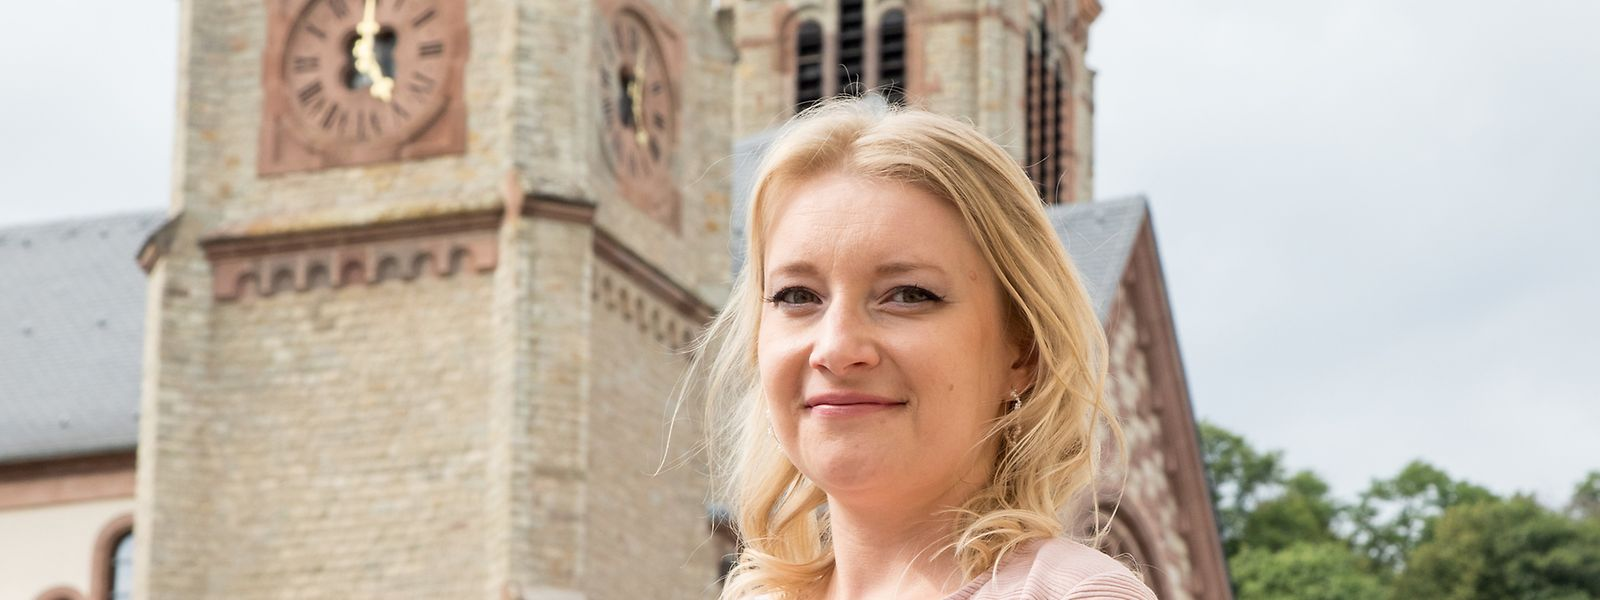 Michèle Frantz hat Diekirch verlassen und studiert in Bonn. Als Sängerin des Vokalensembles des Collegium musicum Bonn kommt sie nun für einen musikalischen Abstecher zurück.